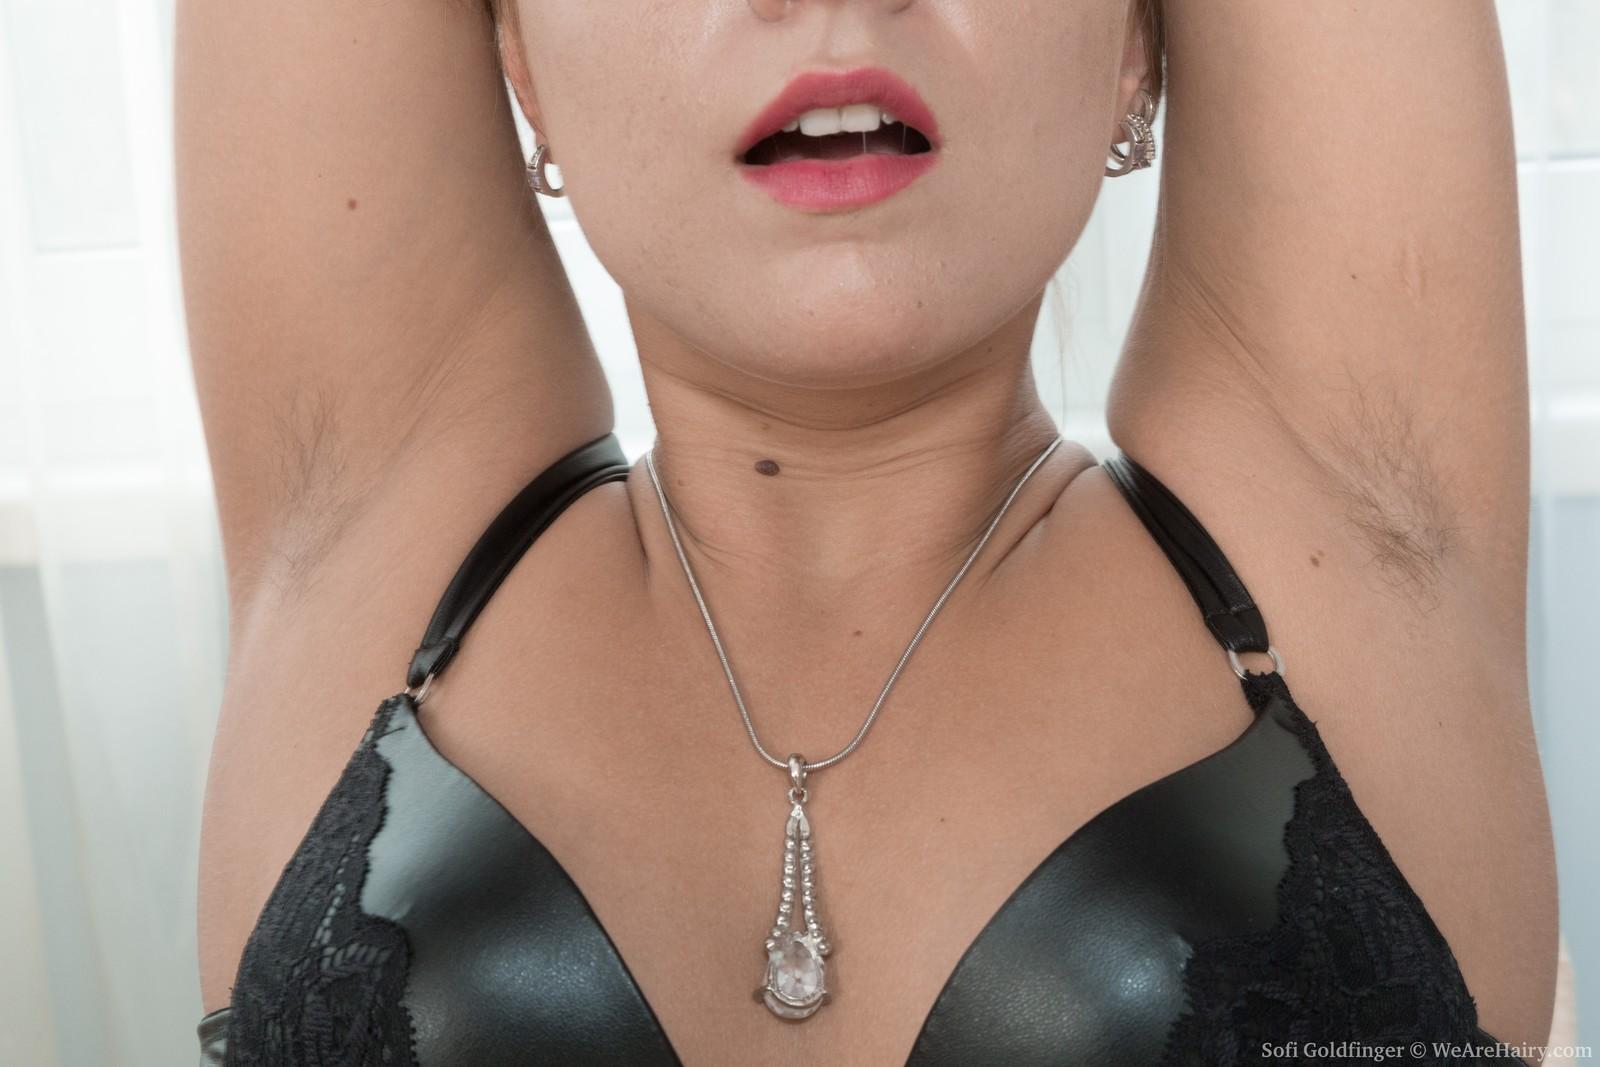 sofi-goldfinger-strips-naked-at-her-desk-alone4.jpg